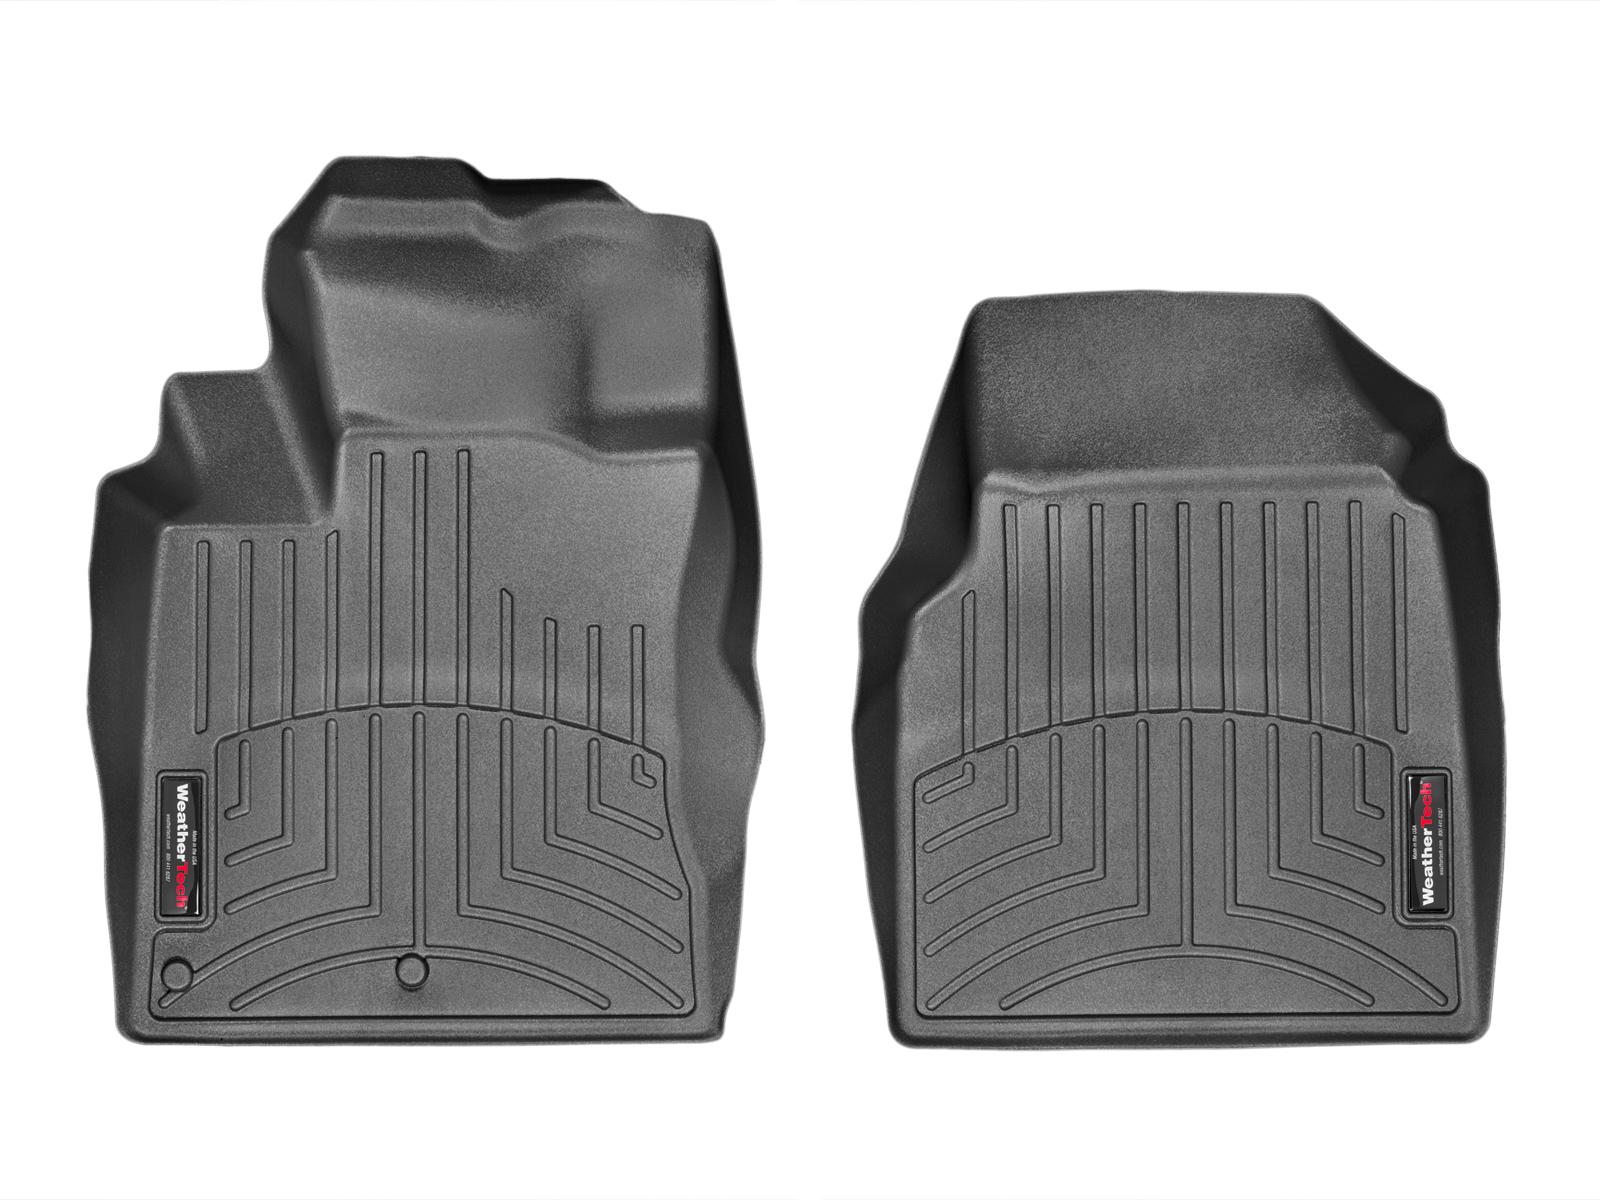 Tappeti gomma su misura bordo alto Nissan Qashqai 07>13 Nero A2915